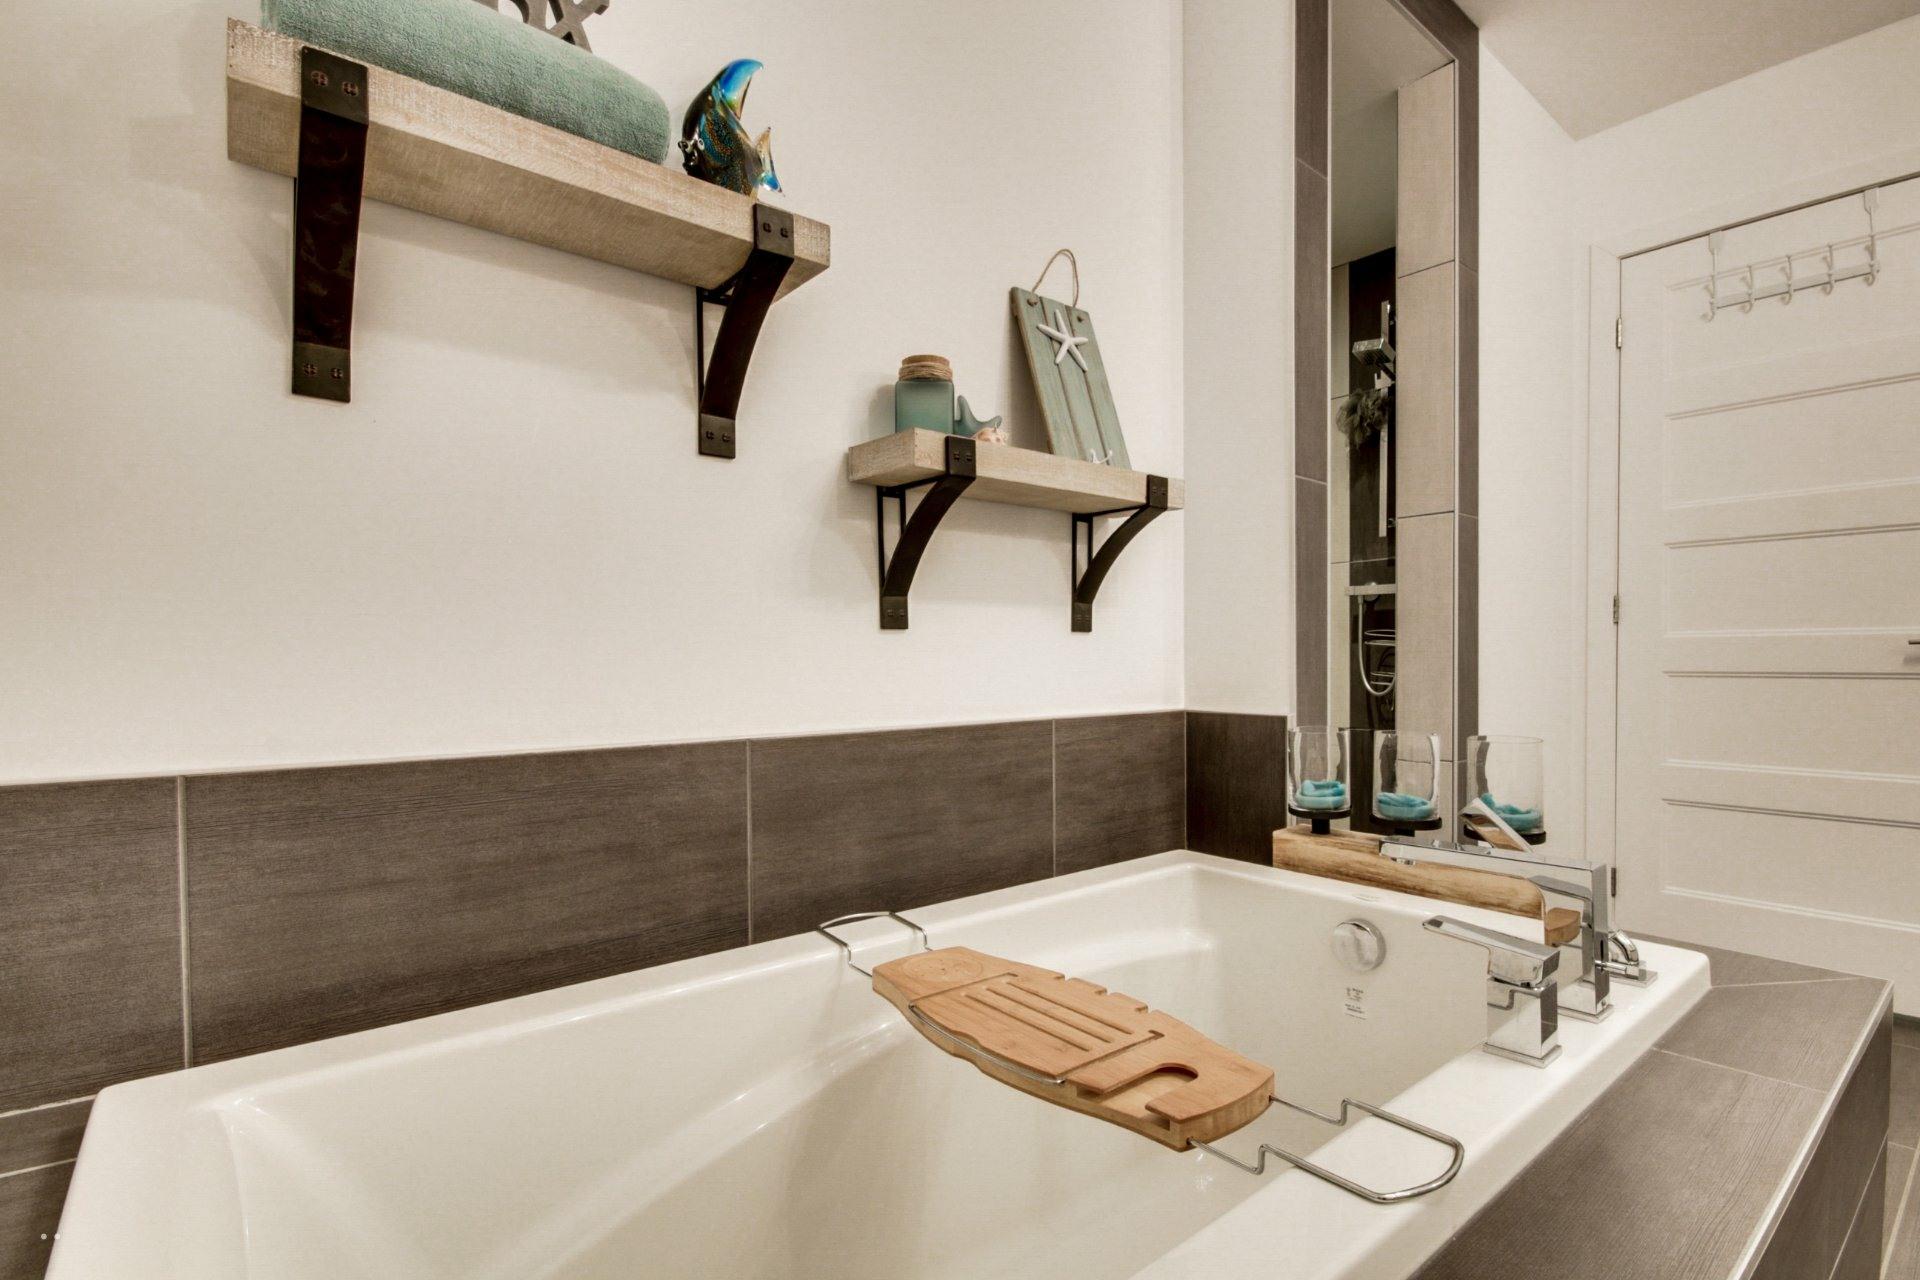 image 36 - Appartement À vendre Trois-Rivières - 7 pièces